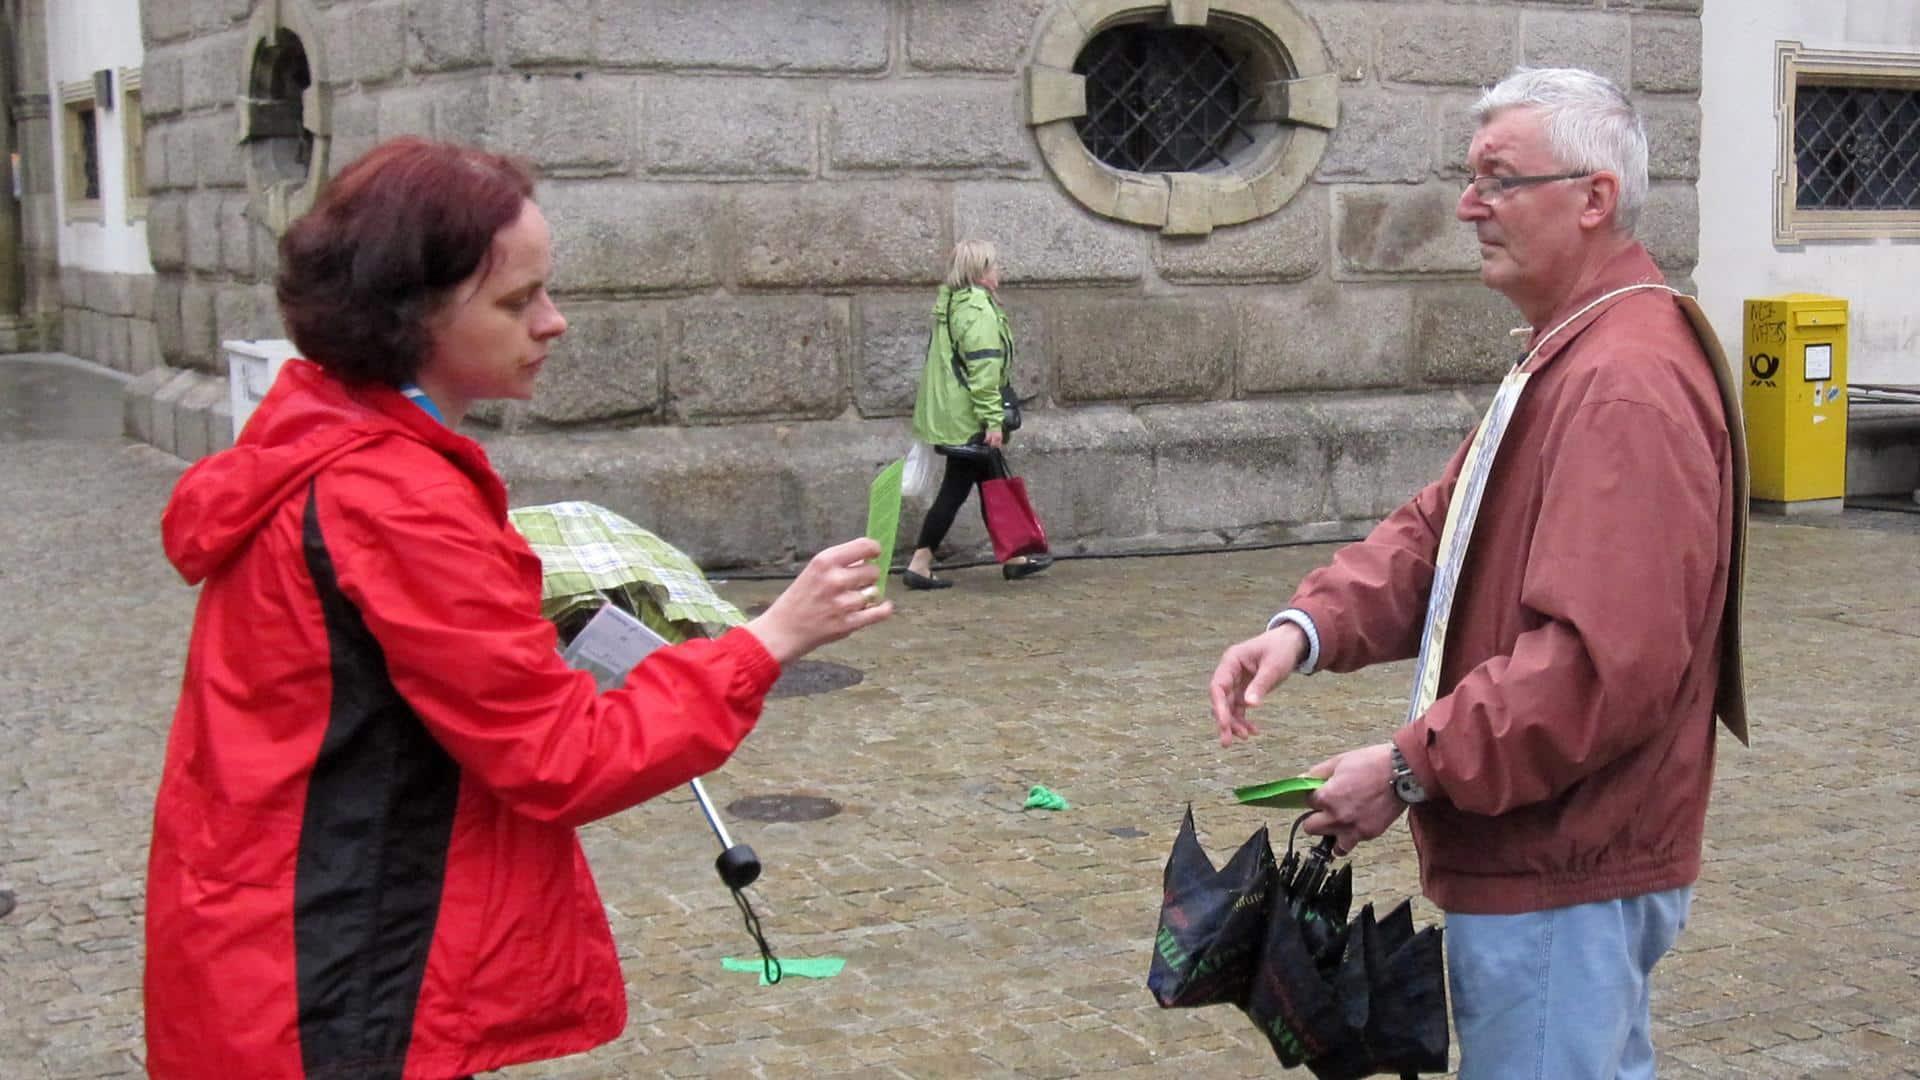 Katholikentag 2014: Georg Auer verteilt Flugblätter, um auf die Missstände im Bistum Regensburg aufmerksam zu machen. Foto: SWR/ Mona Botros